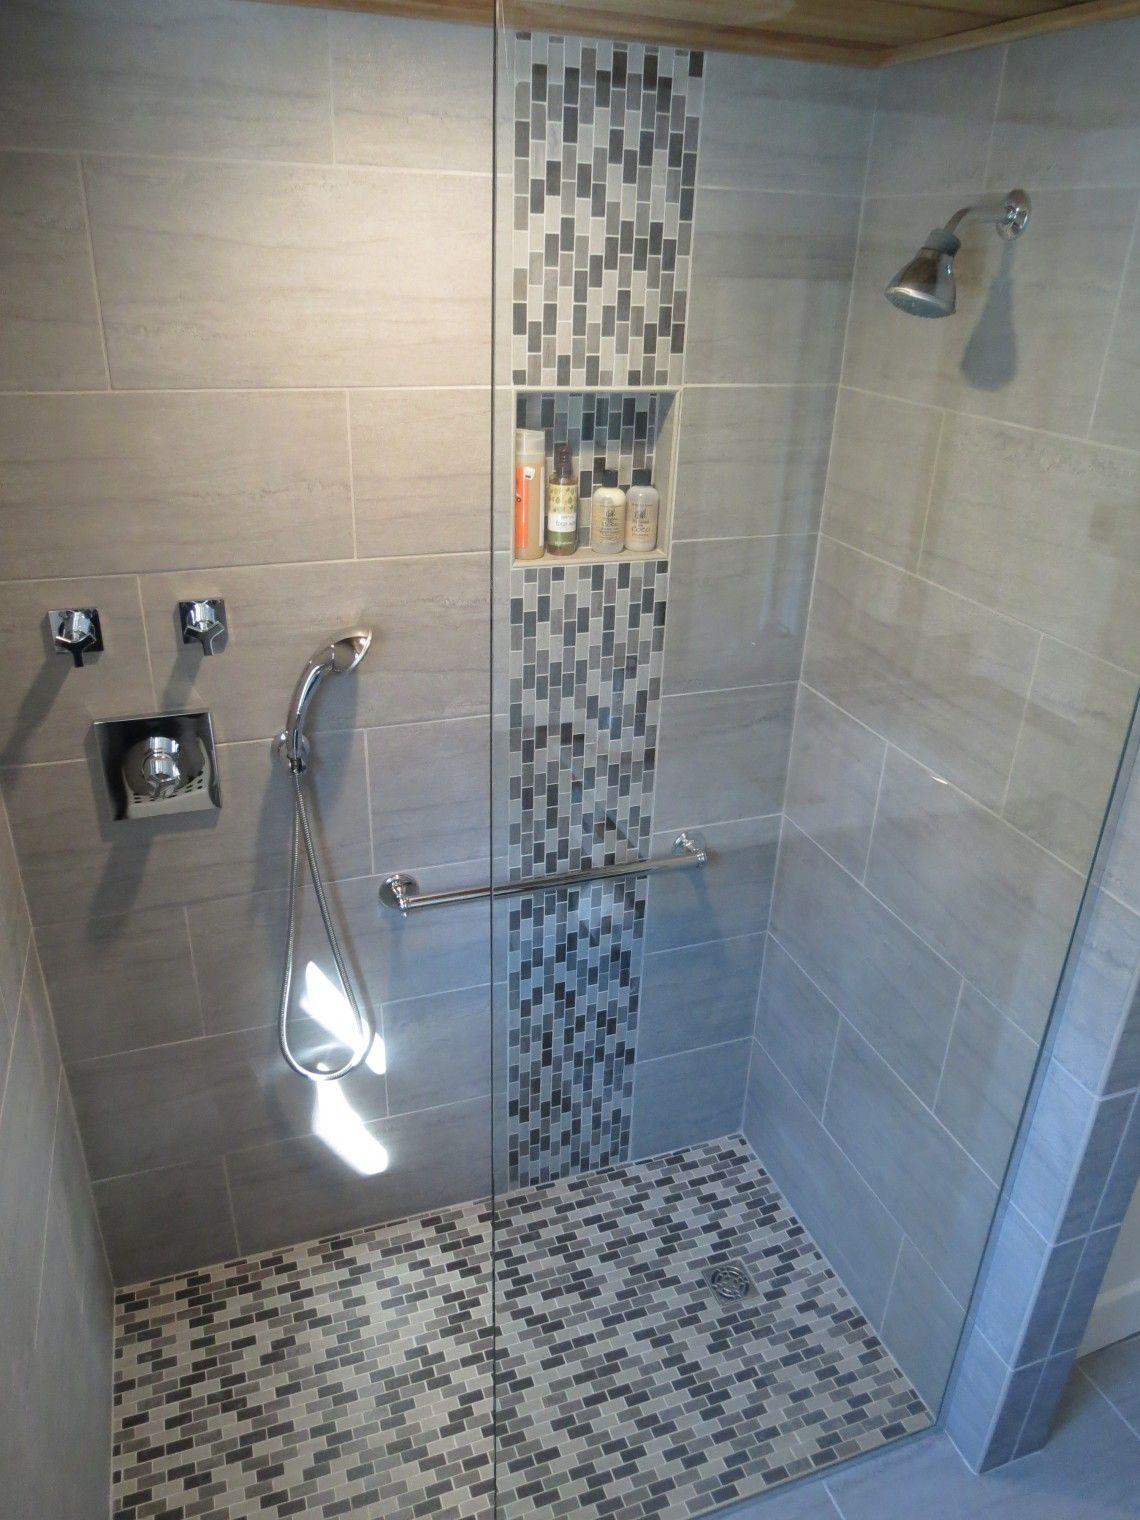 Pin By Ester Palmer On Bathrooms In 2020 Bathroom Shower Tile Shower Floor Tile Bathrooms Remodel